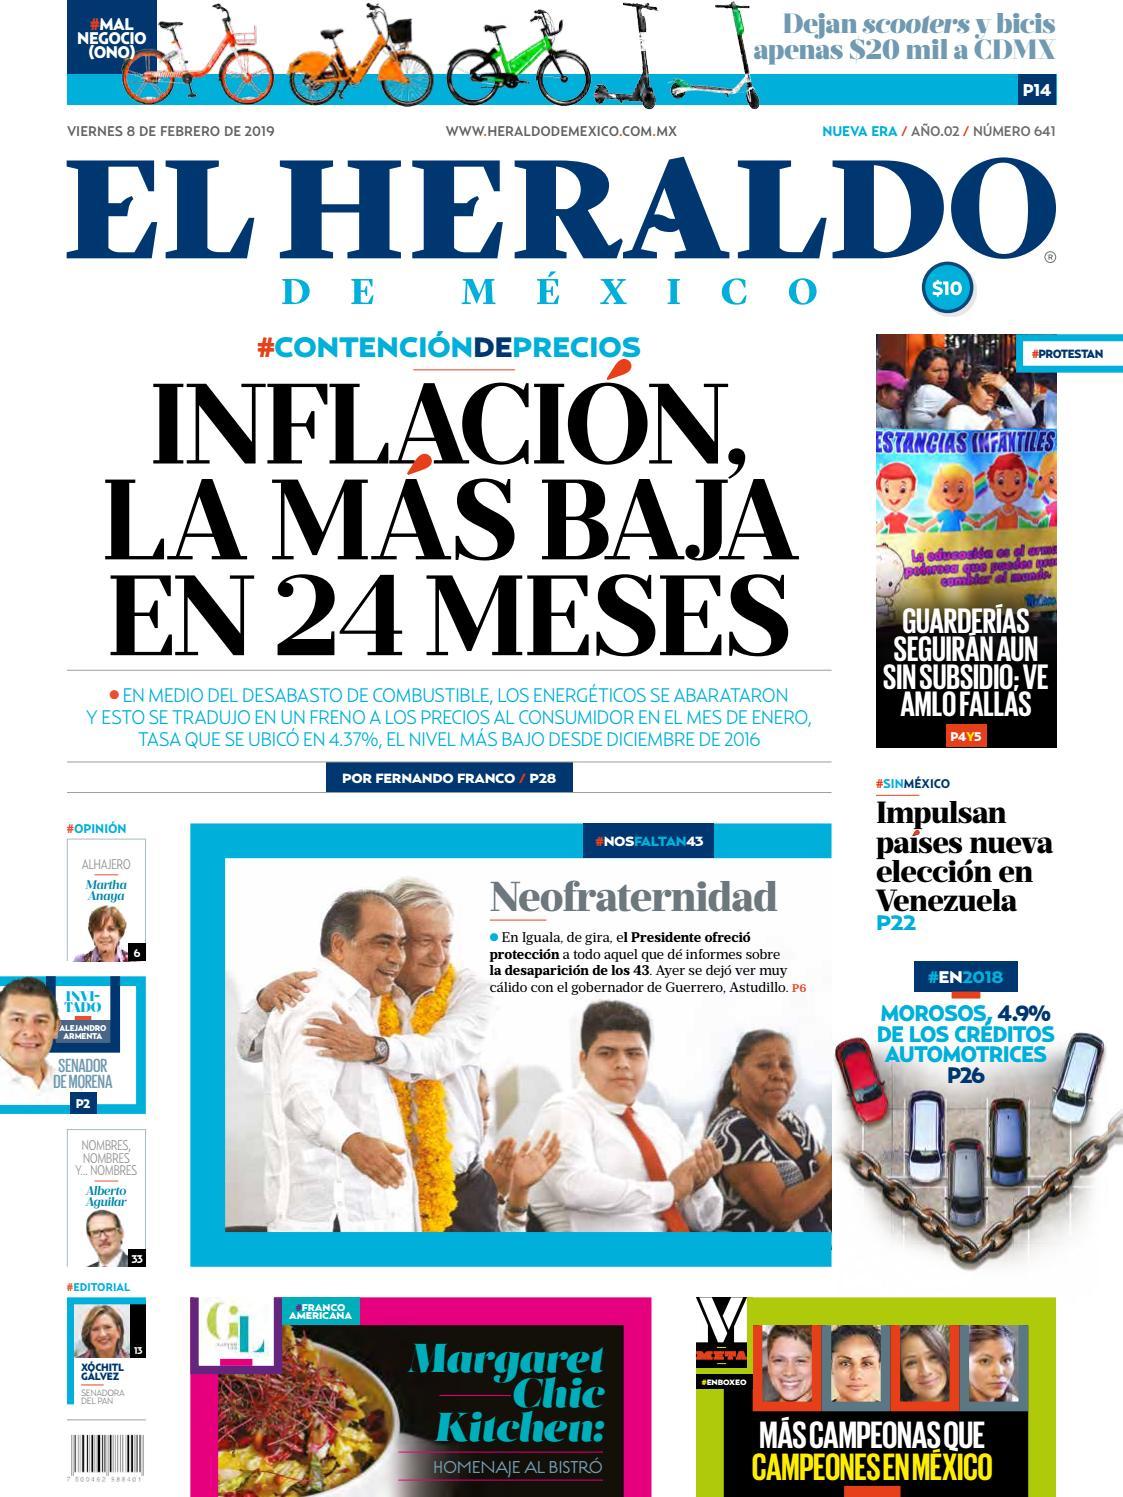 8 de febrero de 2019 by El Heraldo de México - issuu fbec35544d4c5